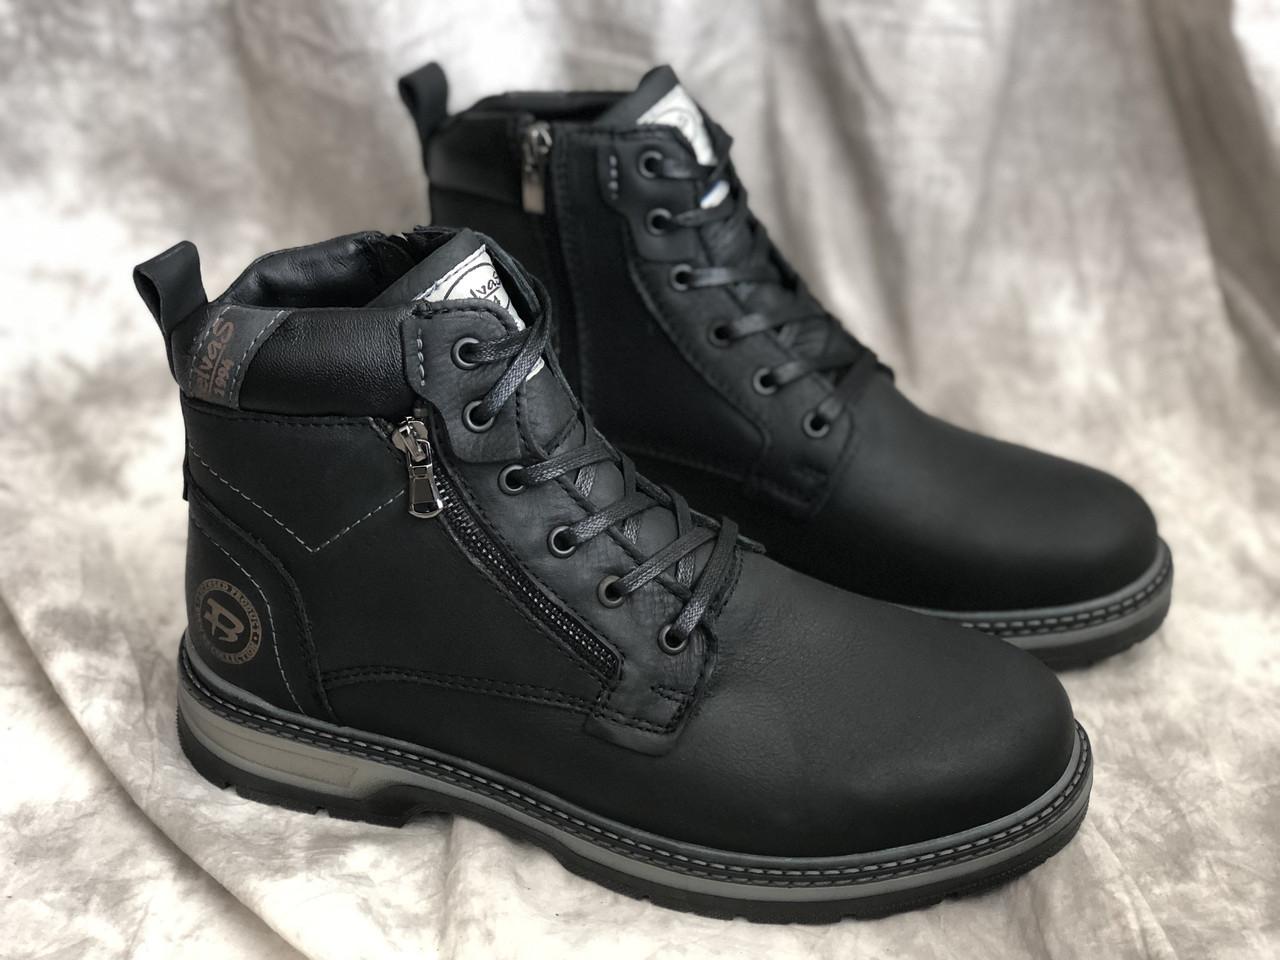 Кожаные мужские ботинки 18127 размеры 41,42